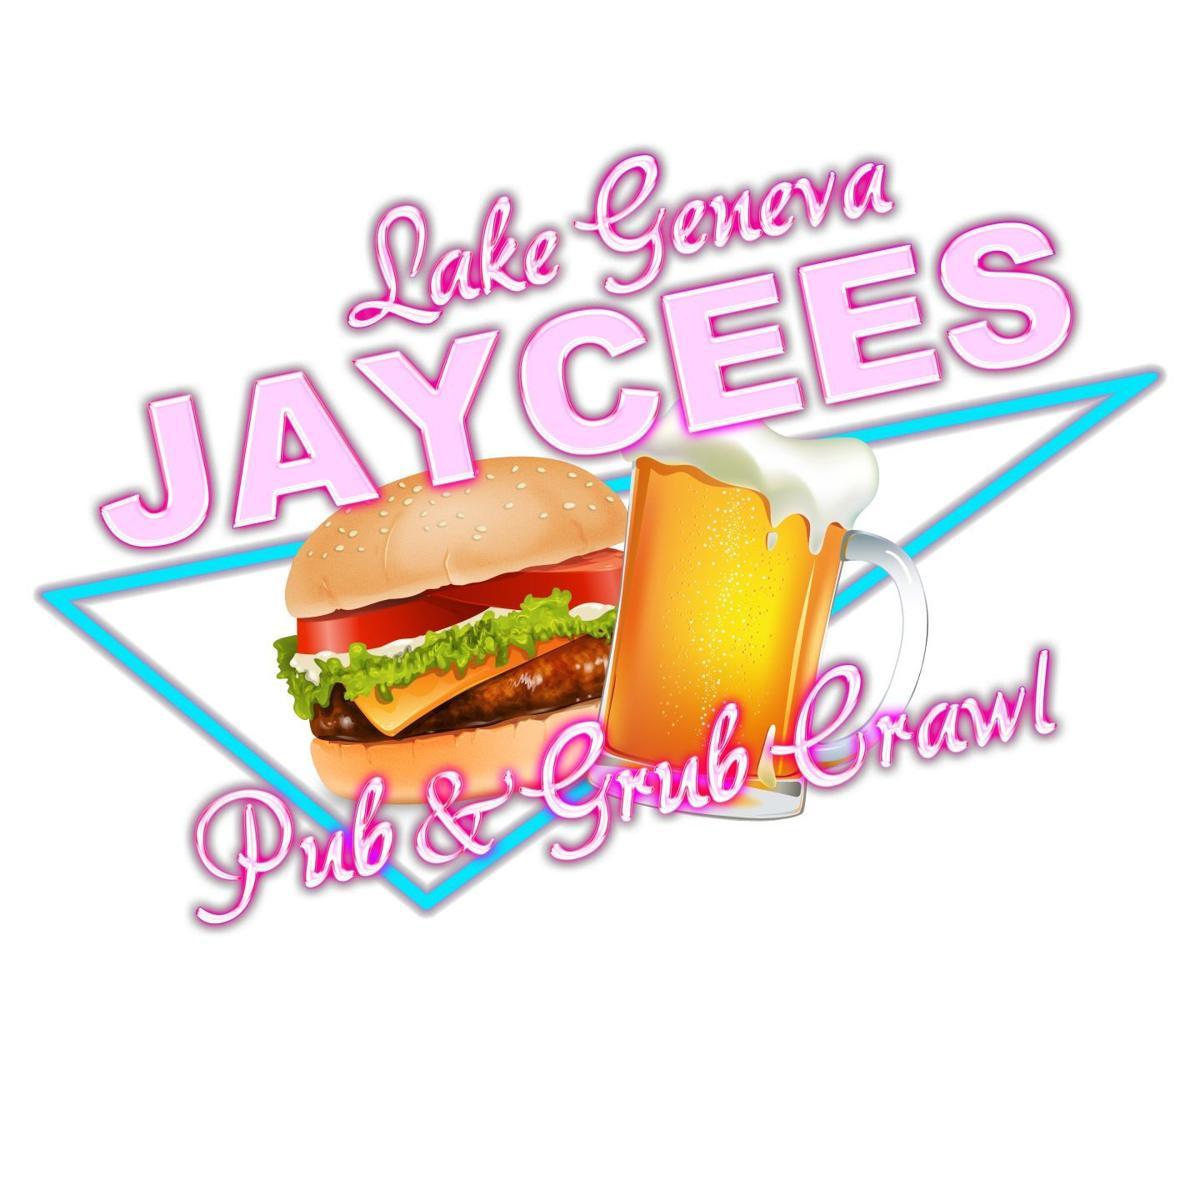 Jaycees Pub & Grub Crawl